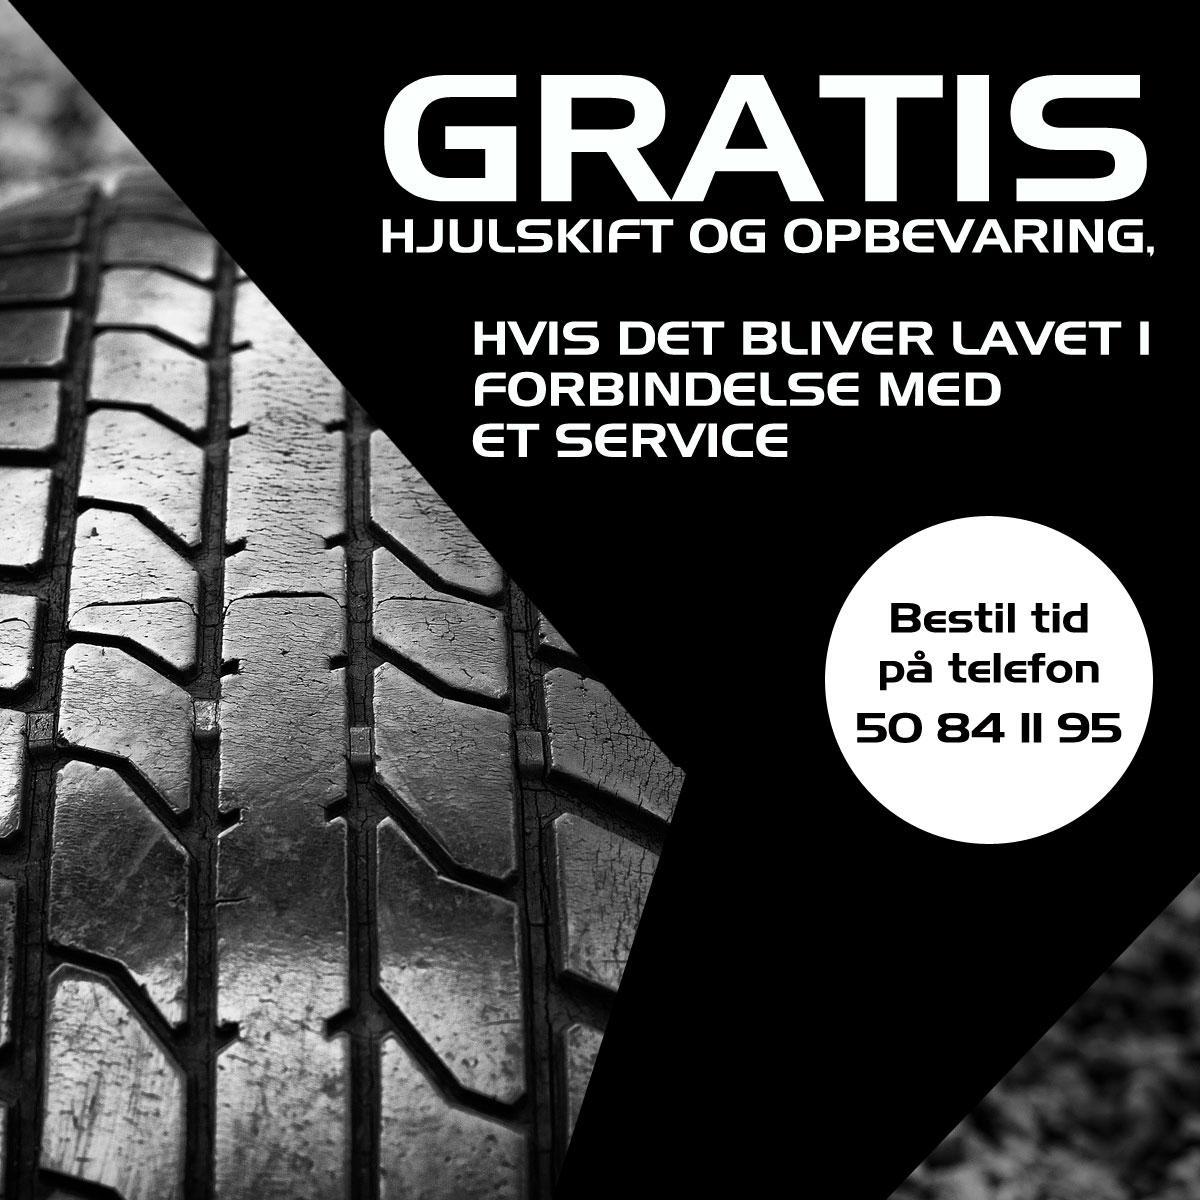 Gratis hjuleskift og opbevaring hos bruhns biler i forbindelse med service